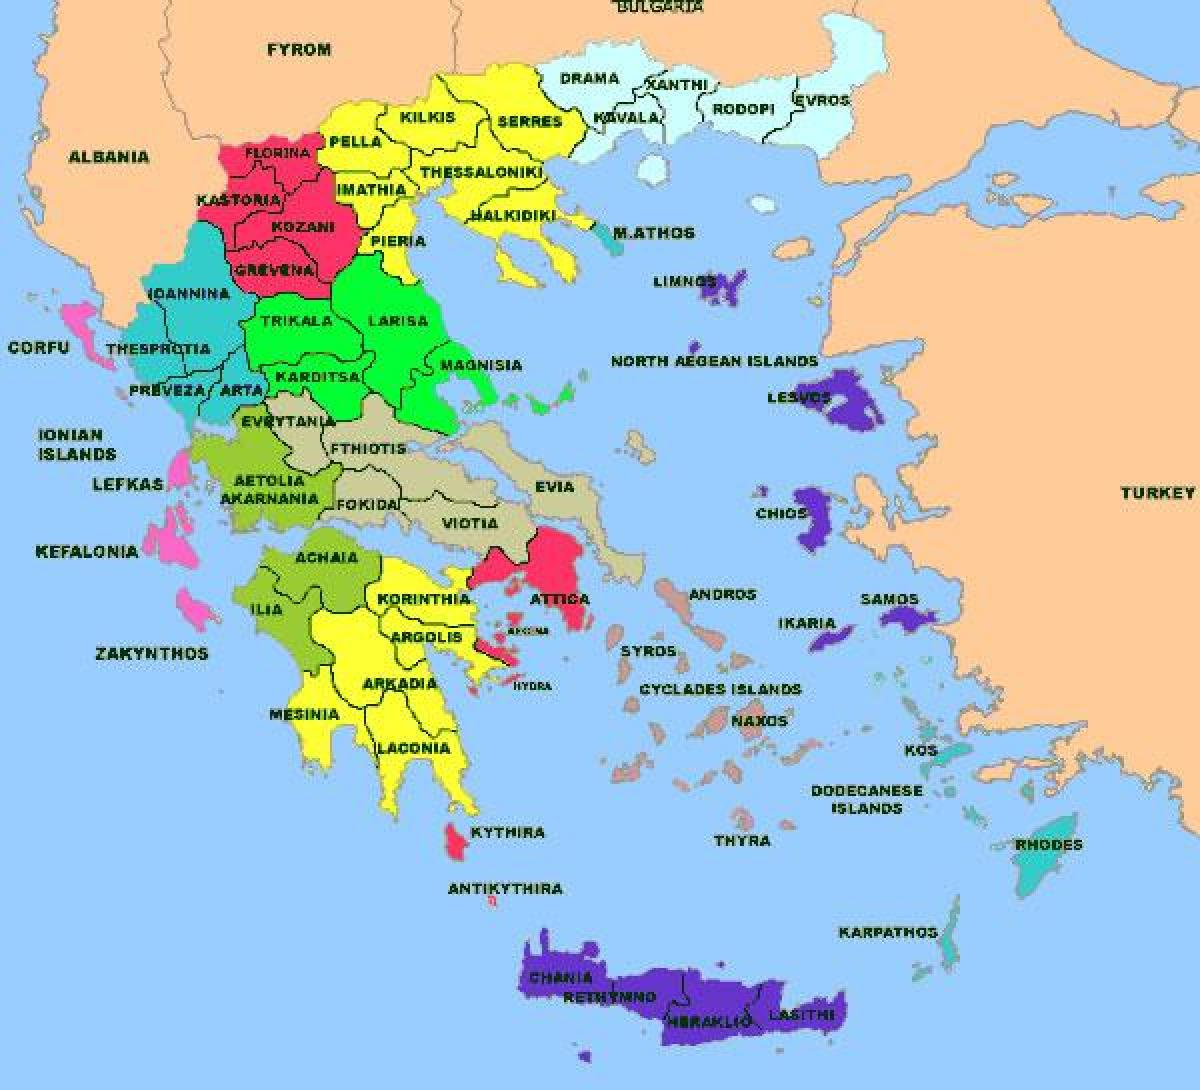 Kreikassa Koulut Kartta Hellas Koulut Kartta Etela Euroopassa